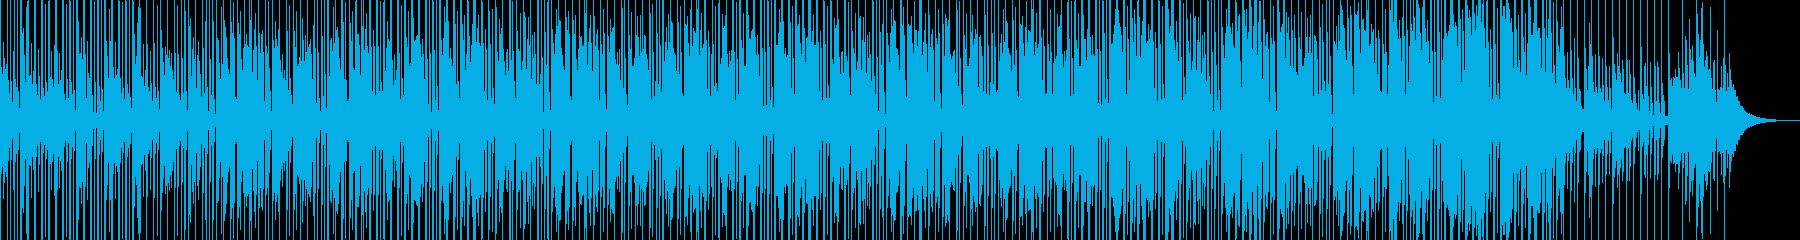 Retro 70's Discoの再生済みの波形